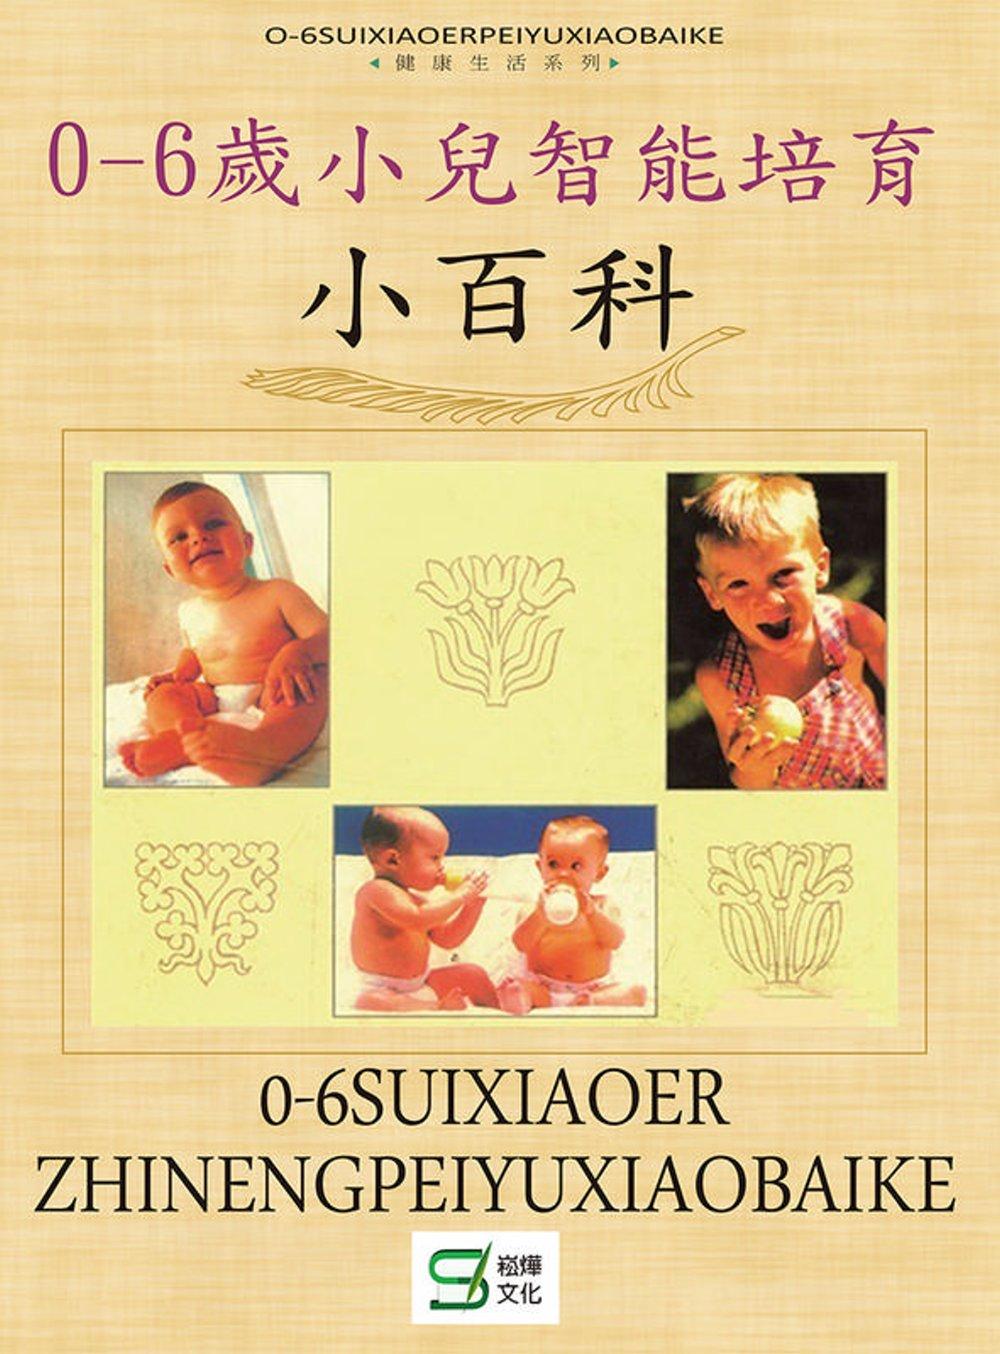 《0-6歲小兒智能培育小百科》 商品條碼,ISBN:9789865989149